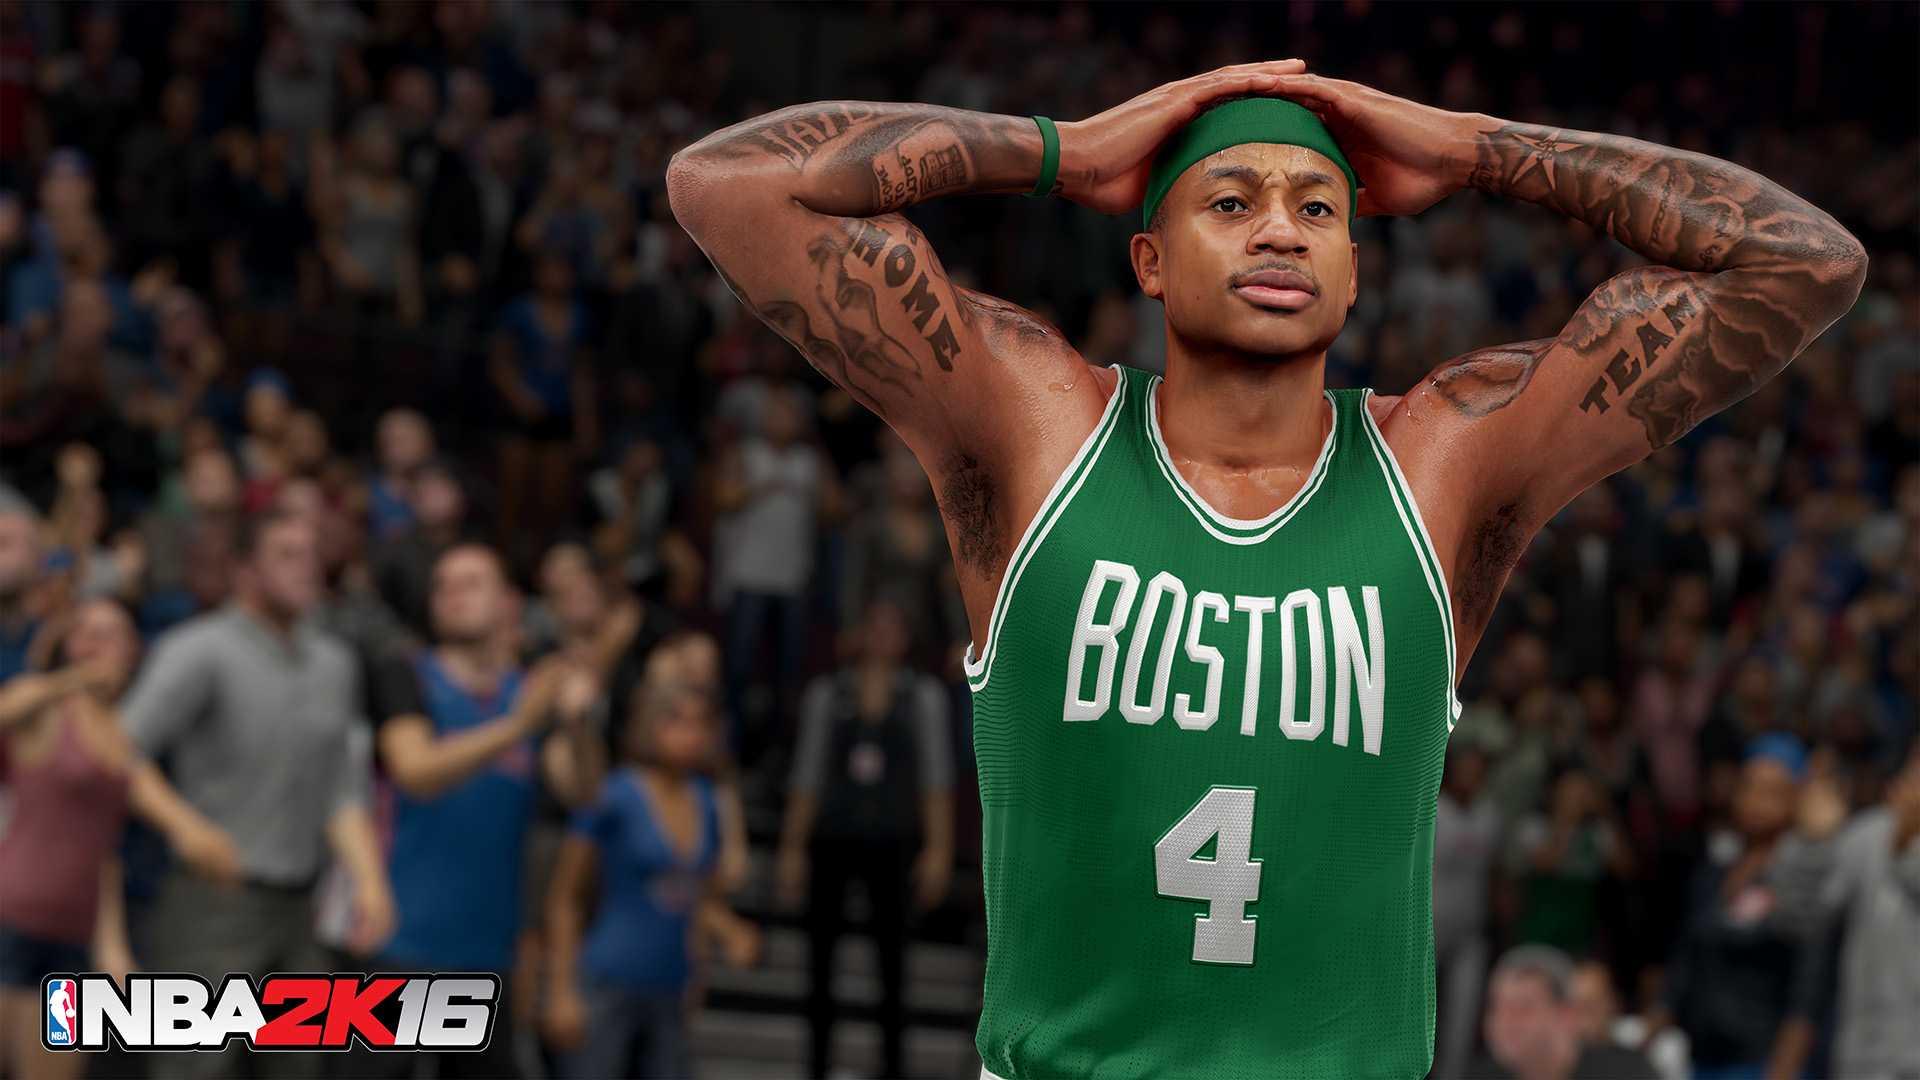 Купить NBA 2K16 со скидкой